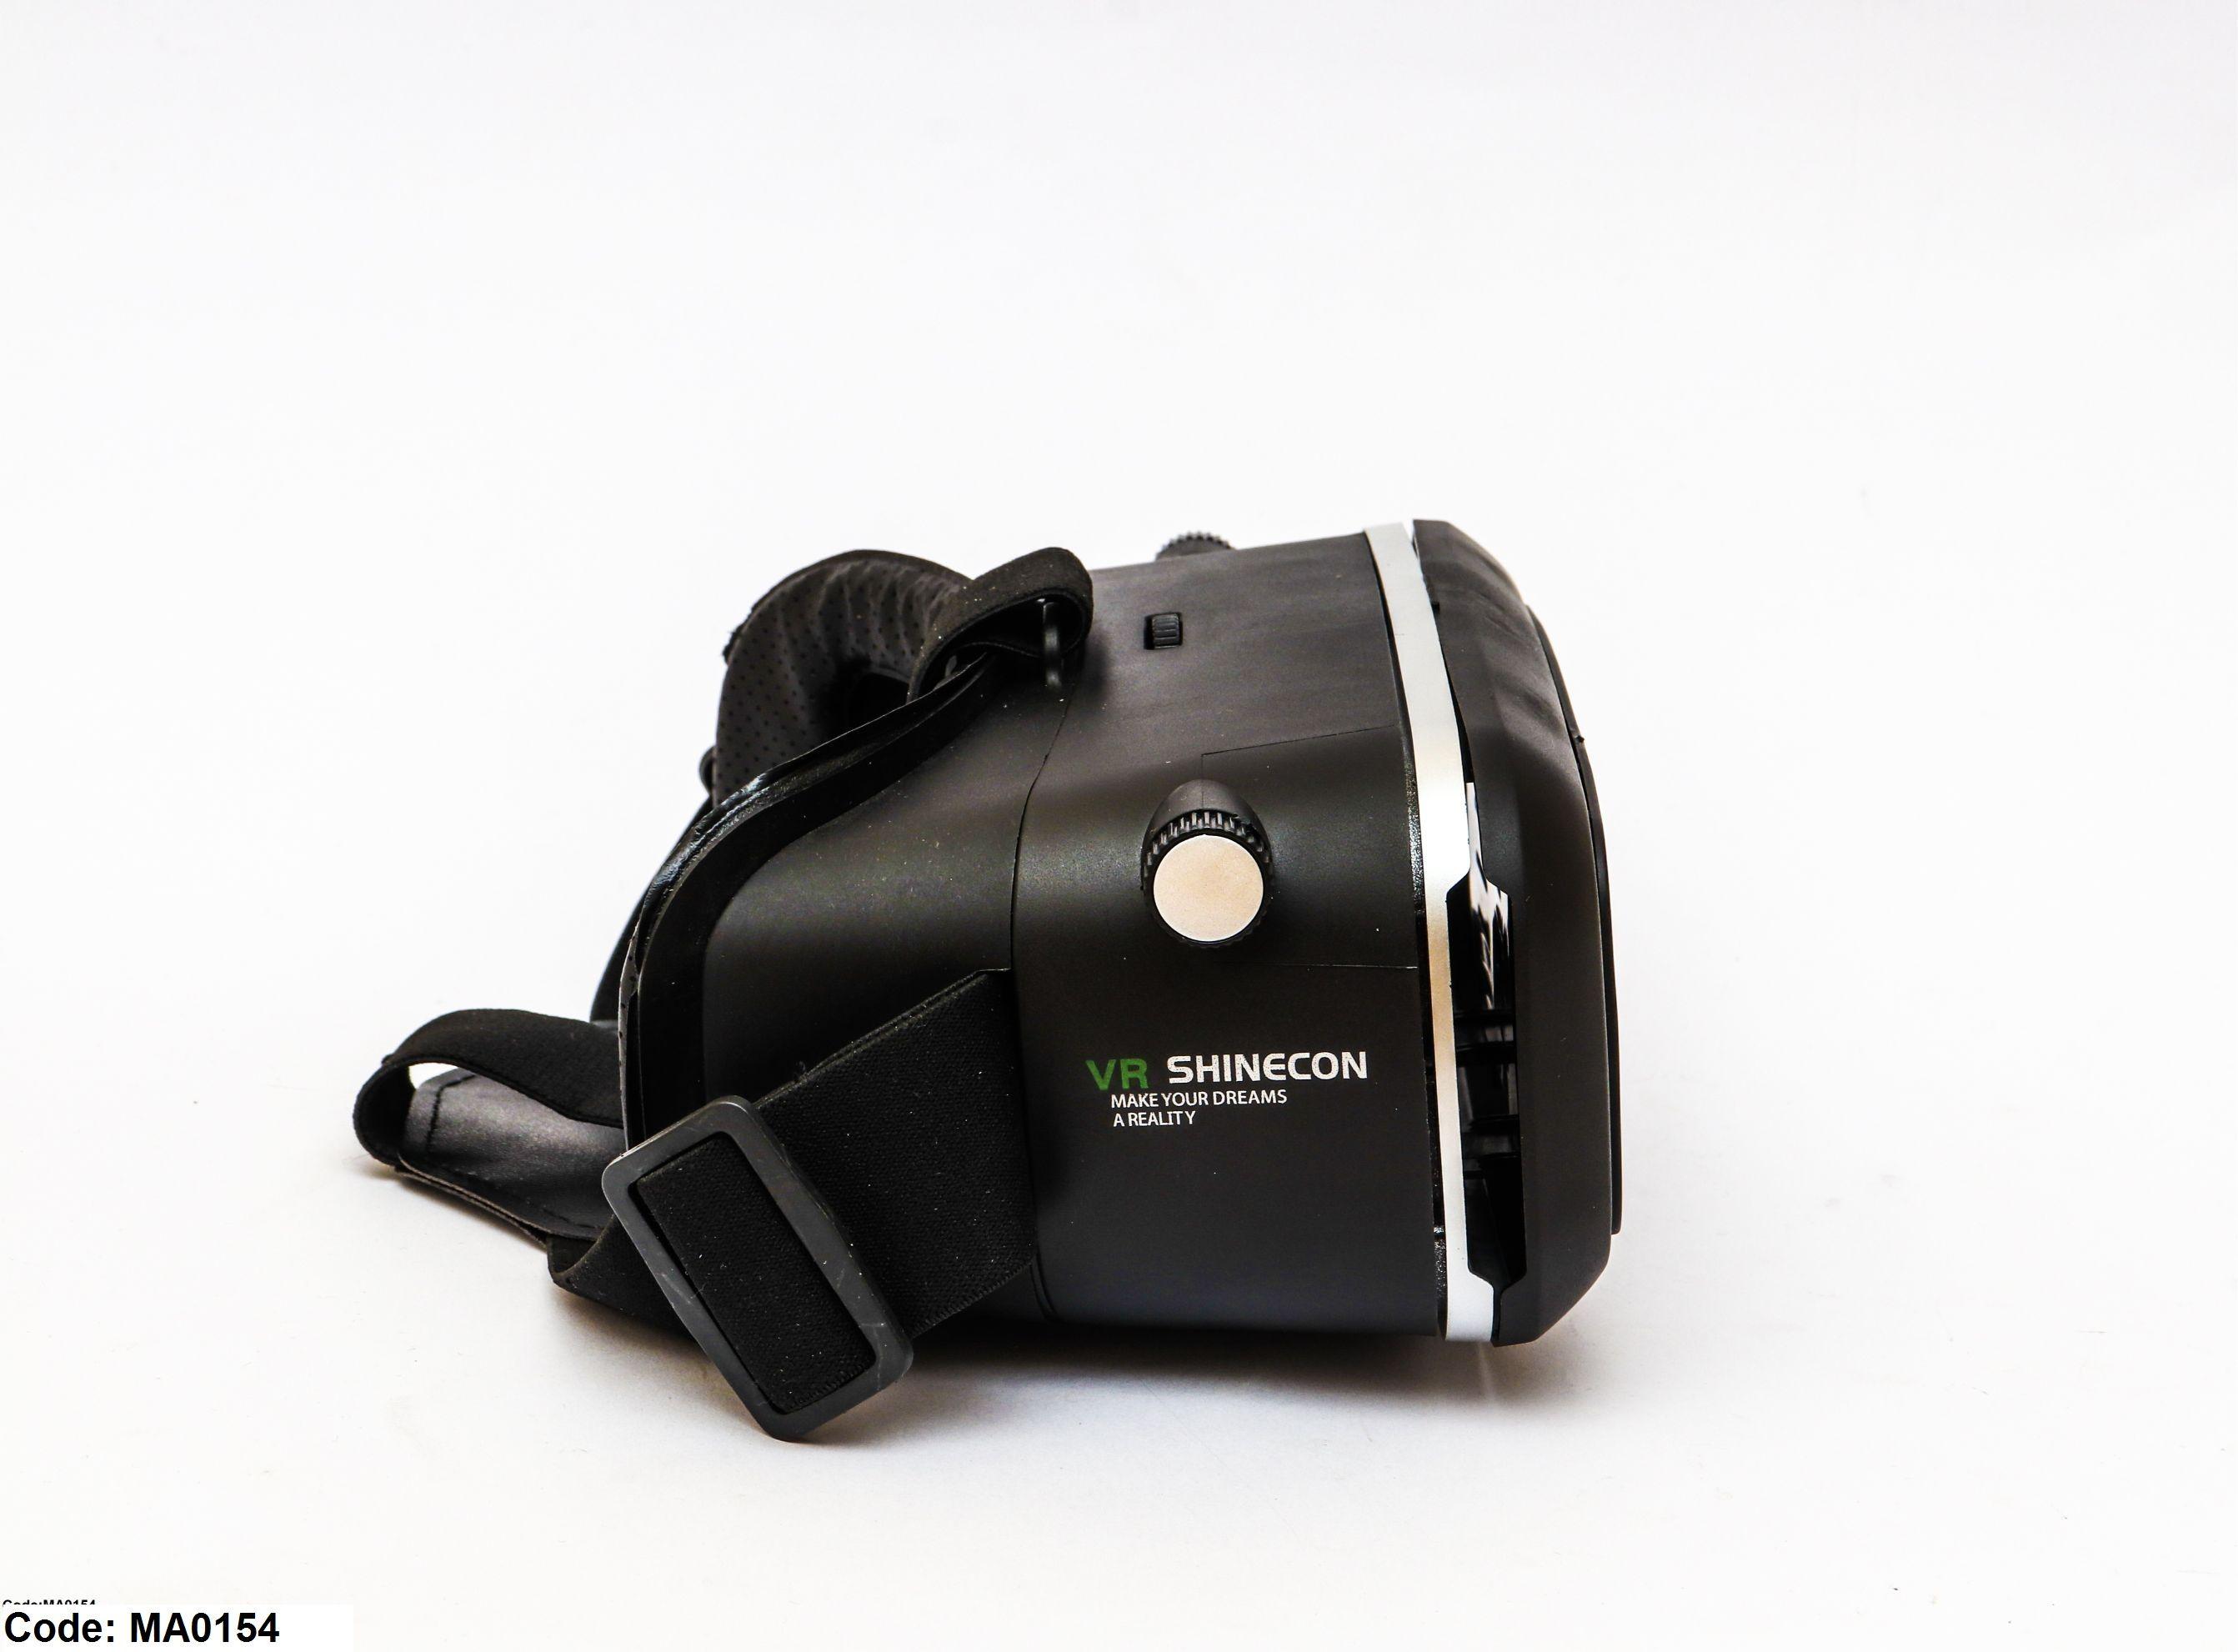 Vr Shinecon بسعر 145ج بدل من 195ج Phone Accessories Camera Bag Goggles